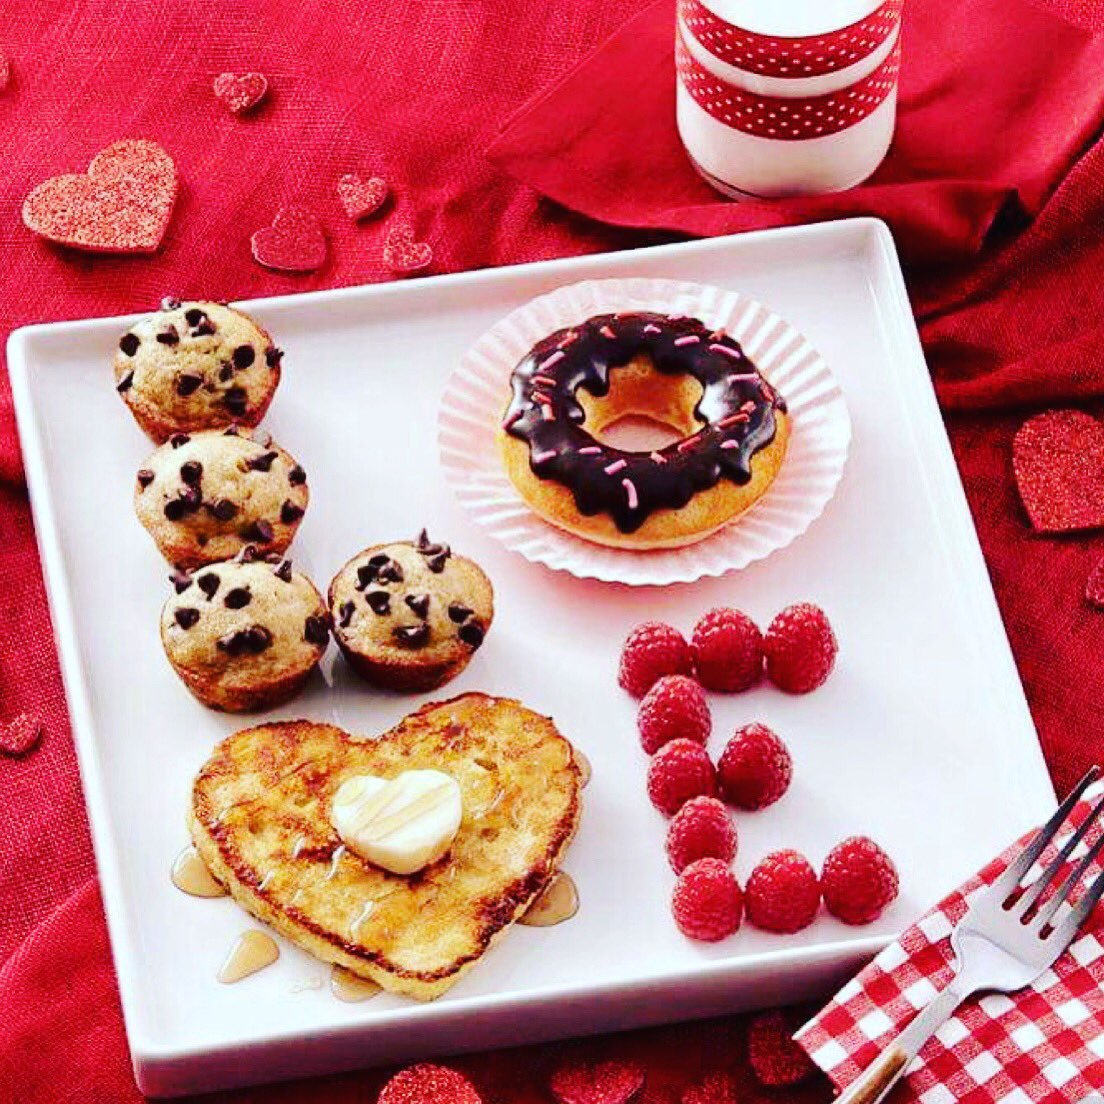 незначительная завтрак любимому мужу картинки пошагового приготовления блюда